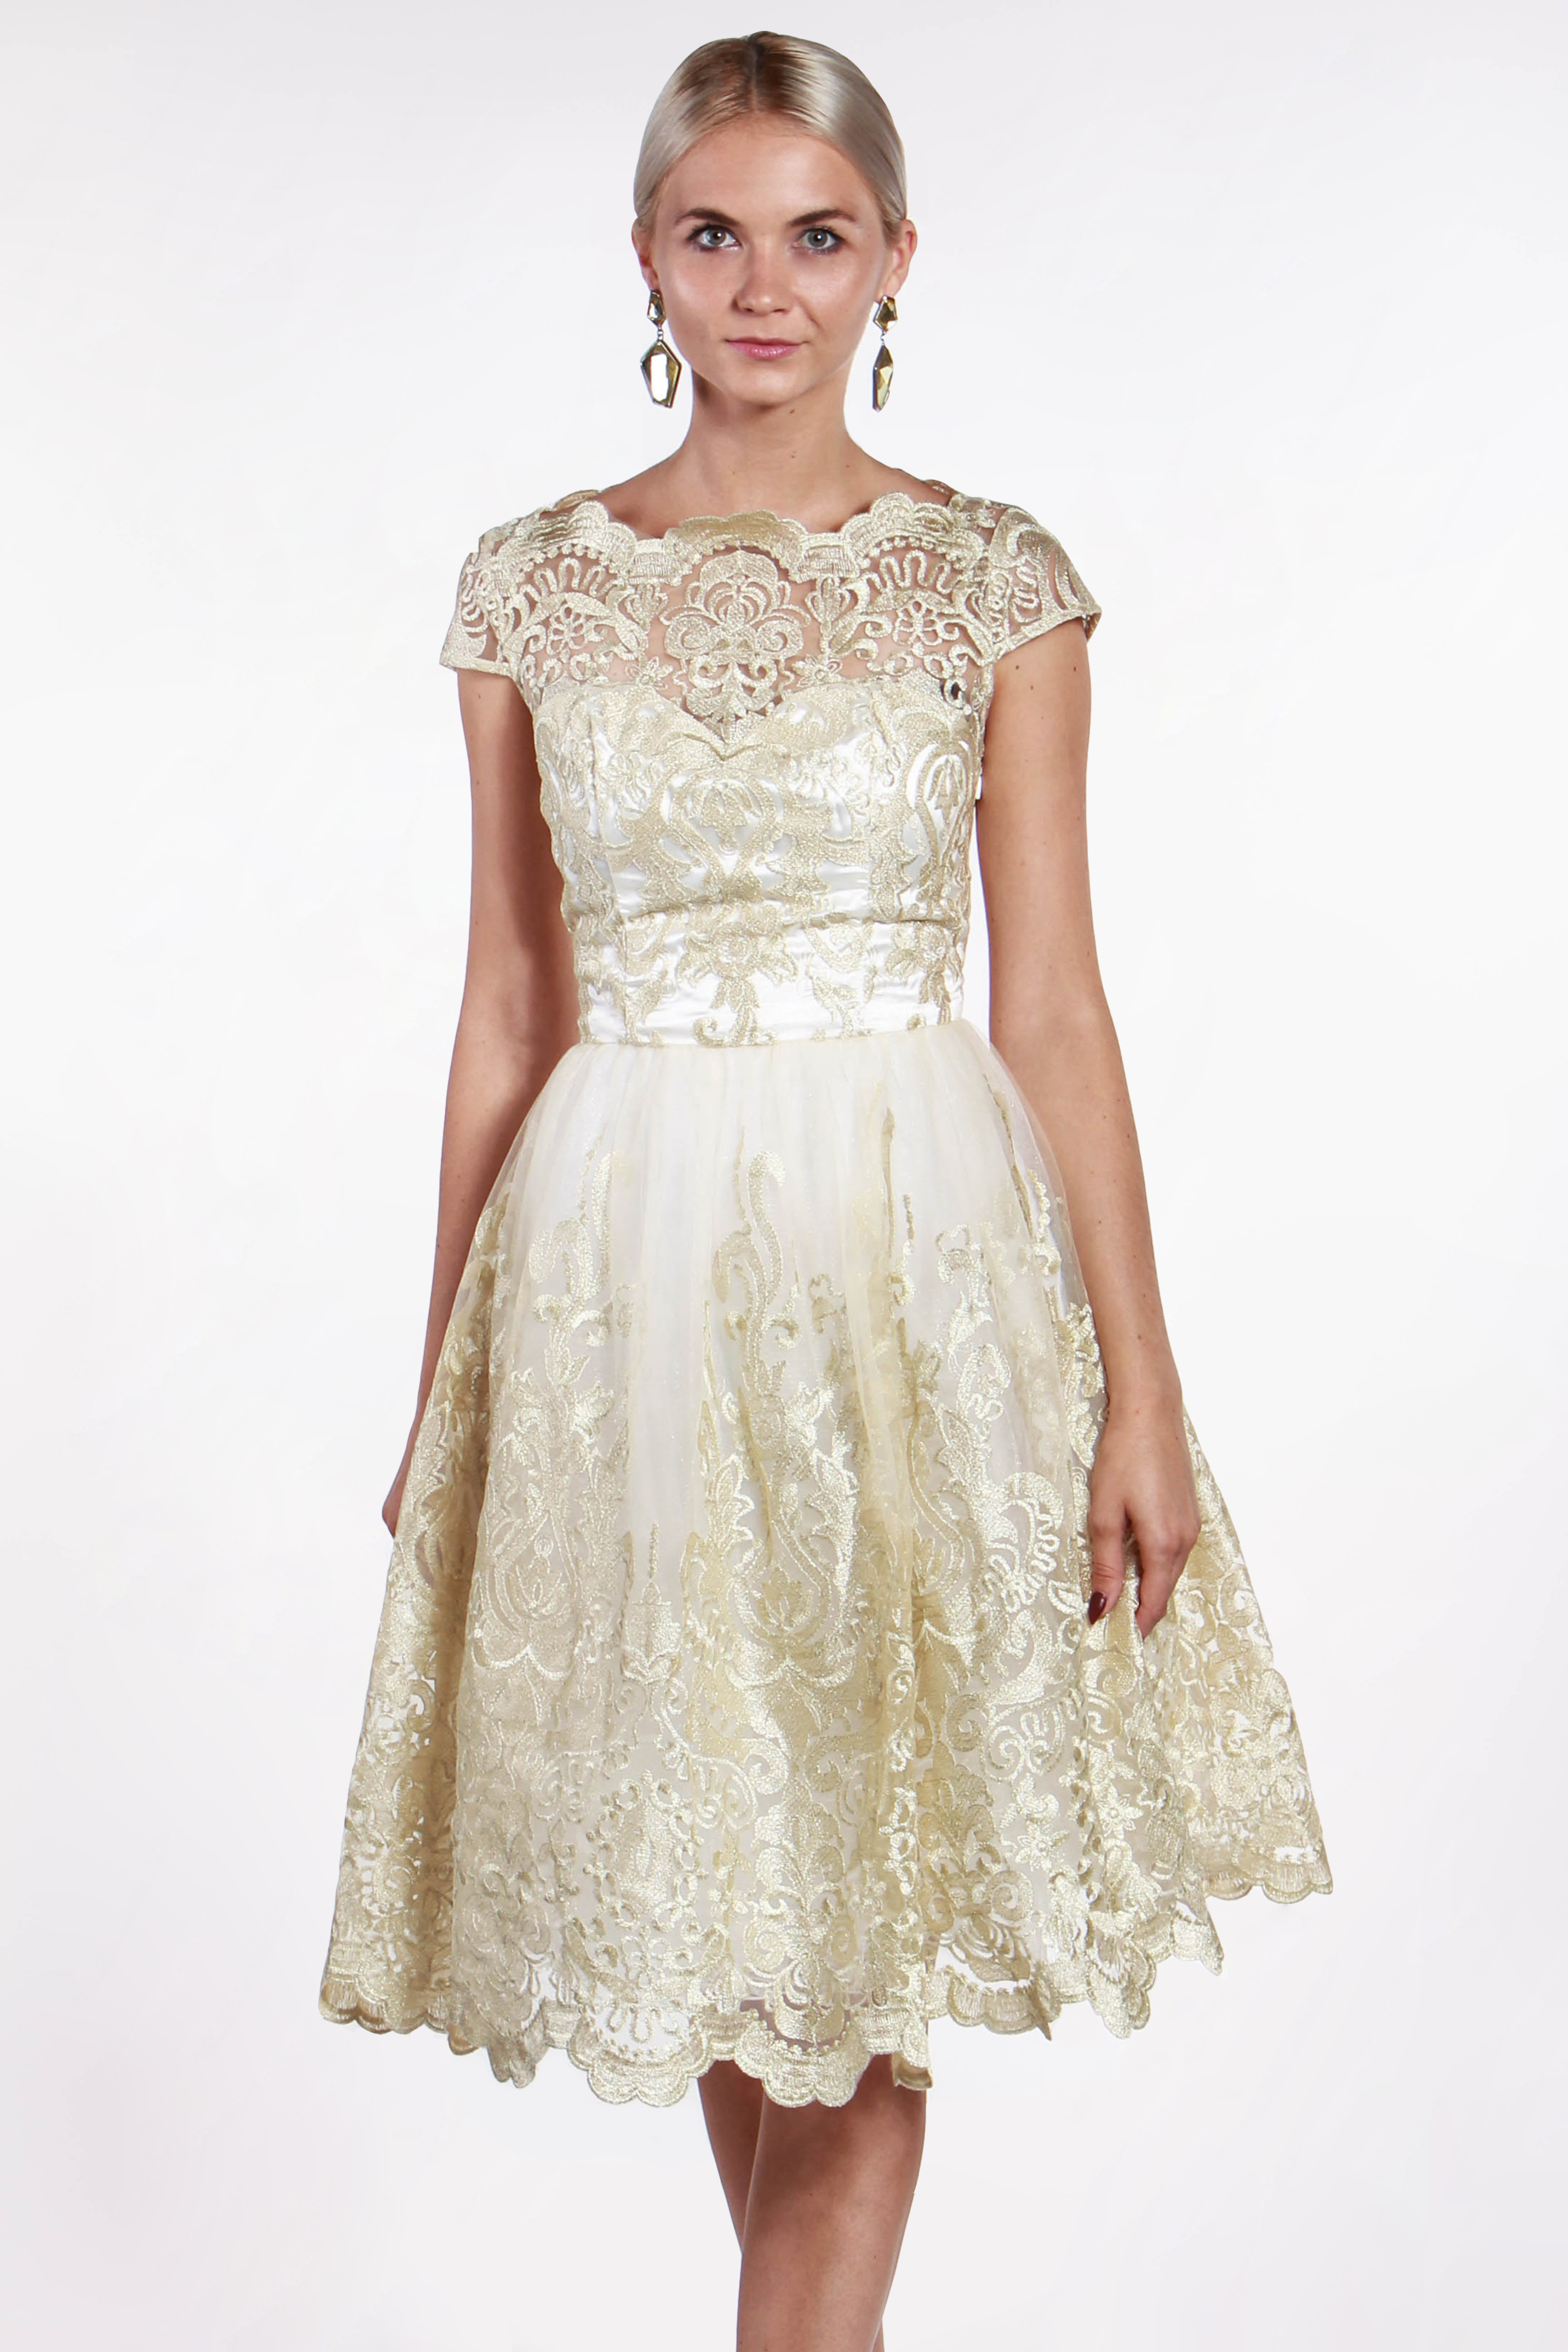 obrázok 1 Chi-Chi London béžovo-zlaté čipkované šaty 23130735985